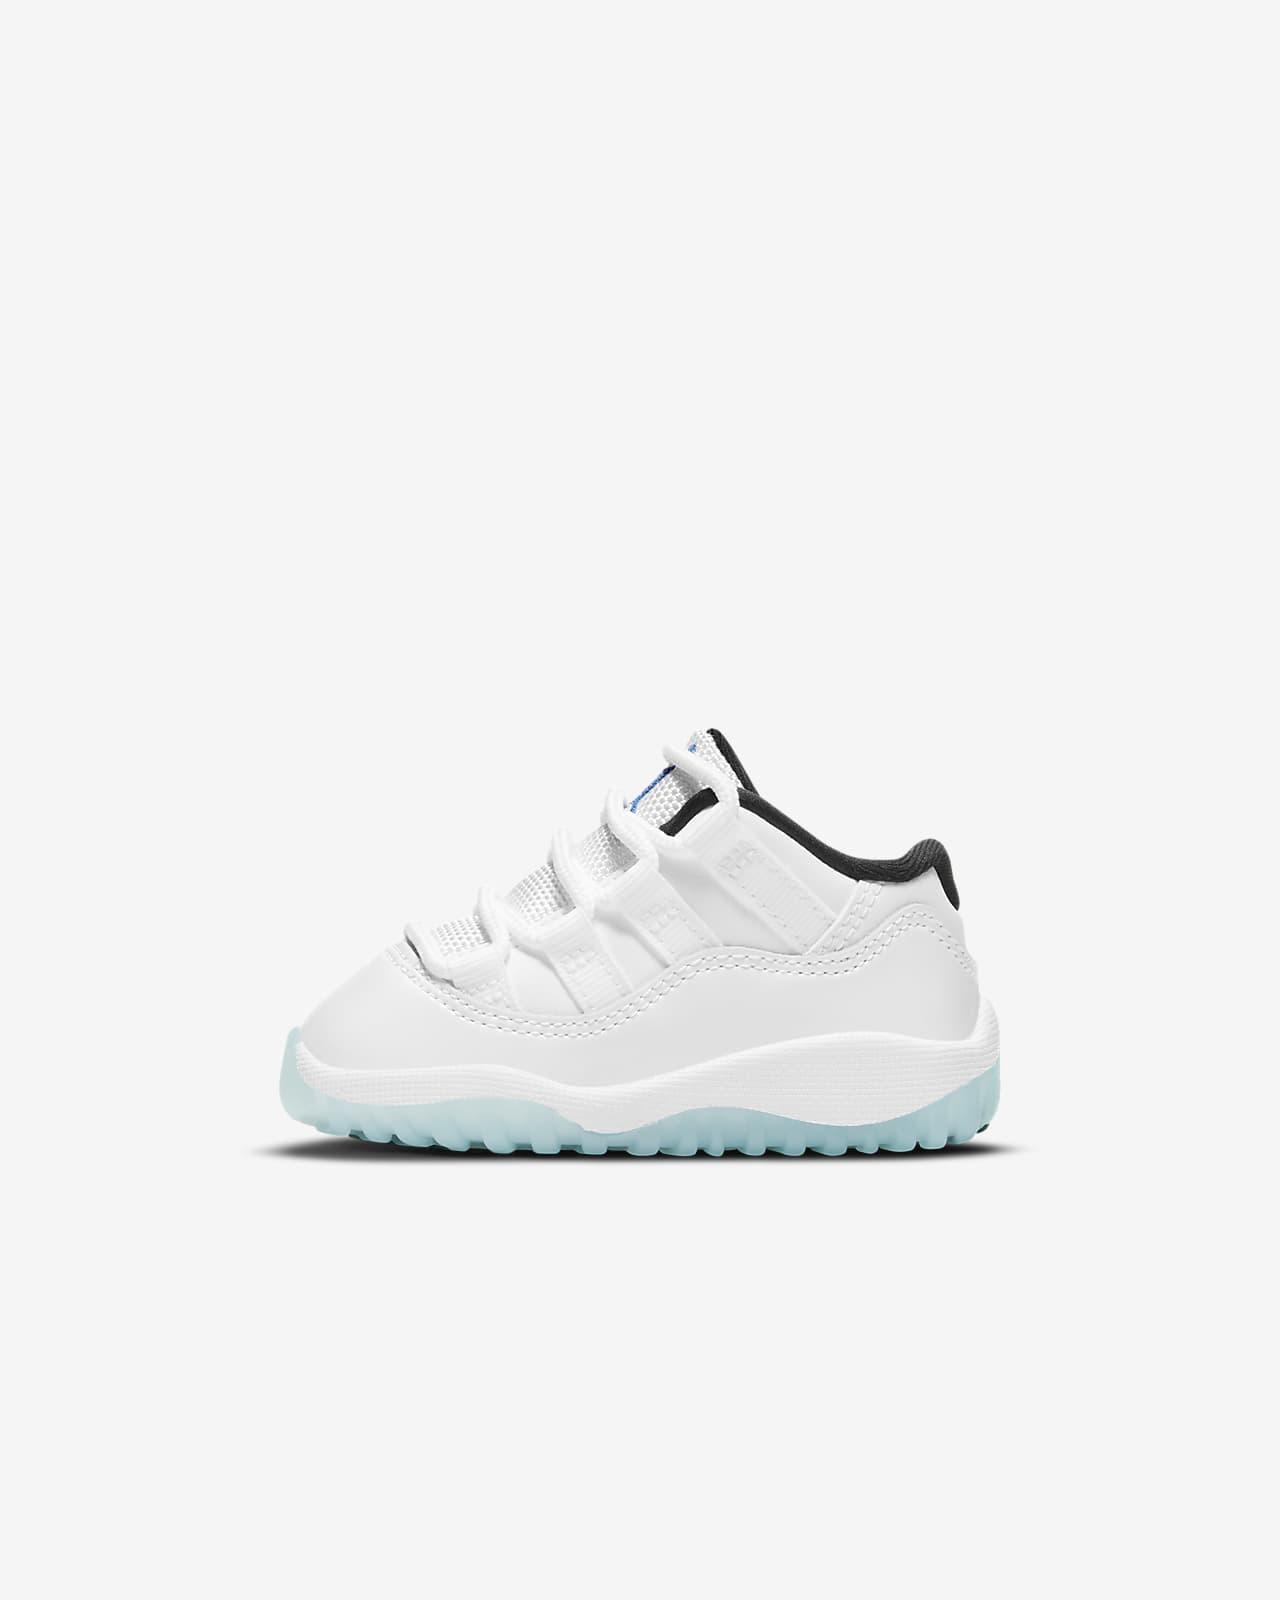 Air Jordan 11 Retro Low Baby and Toddler Shoe